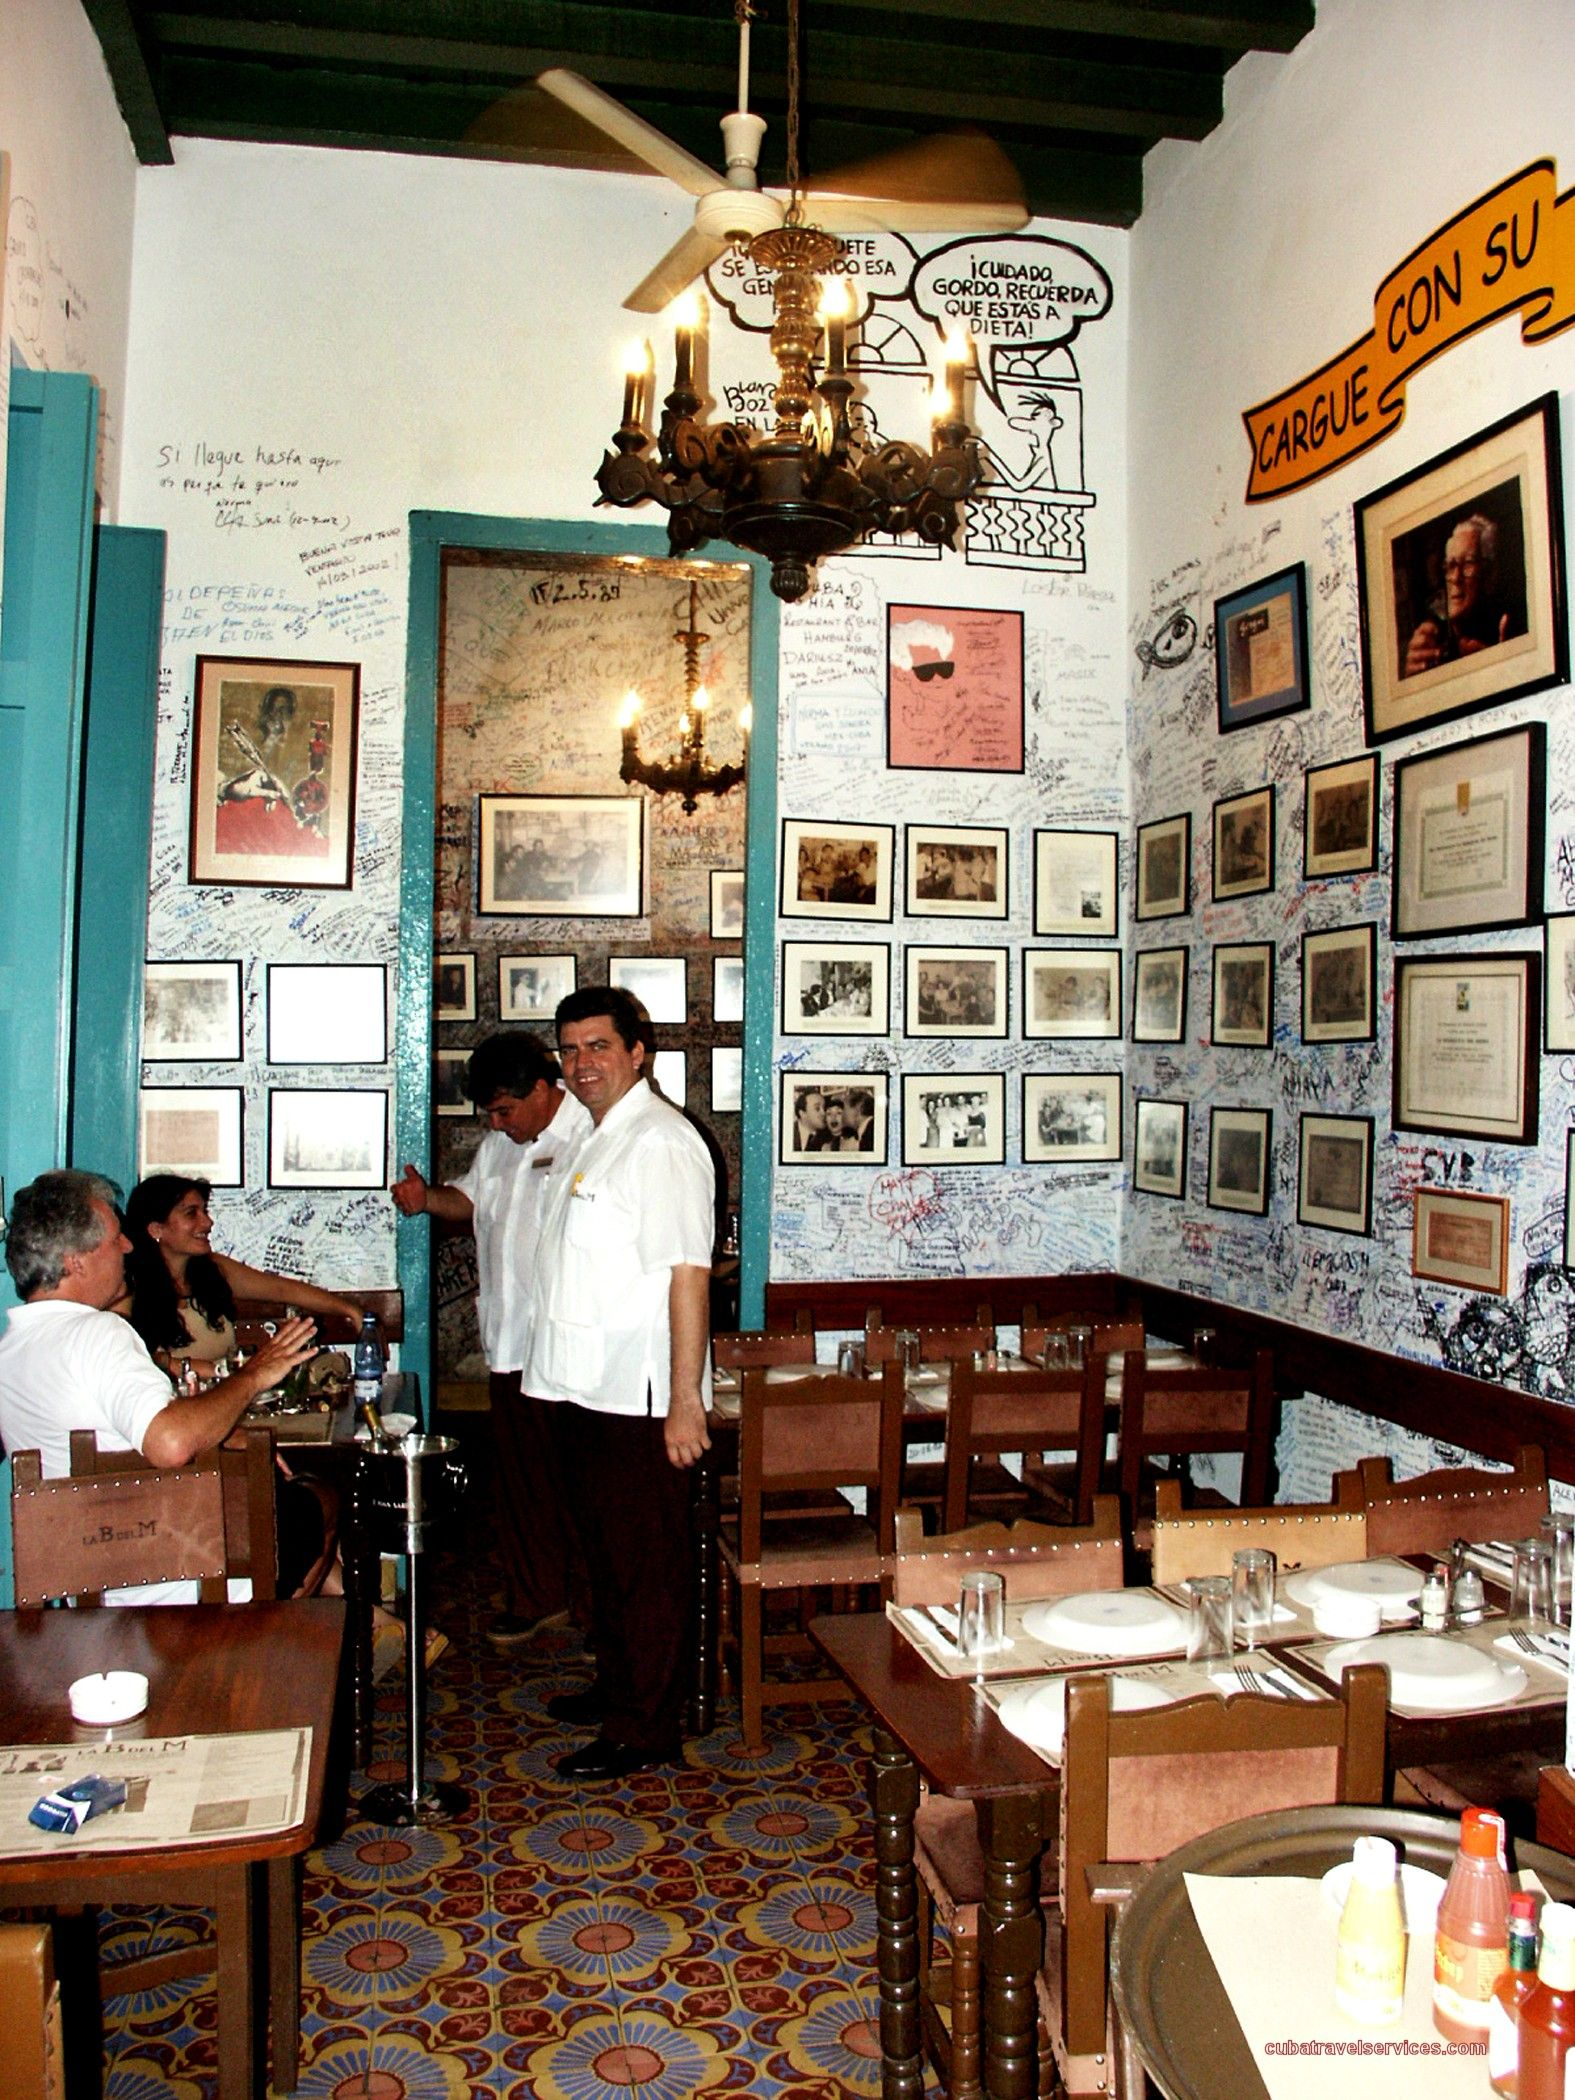 La Bodeguita Del Medio Iconic Restaurant And Bar Where The Mojito Was Born Located In Old Havana The Bar Has Been A Havana Cuba Havana Restaurant Cuban Cafe